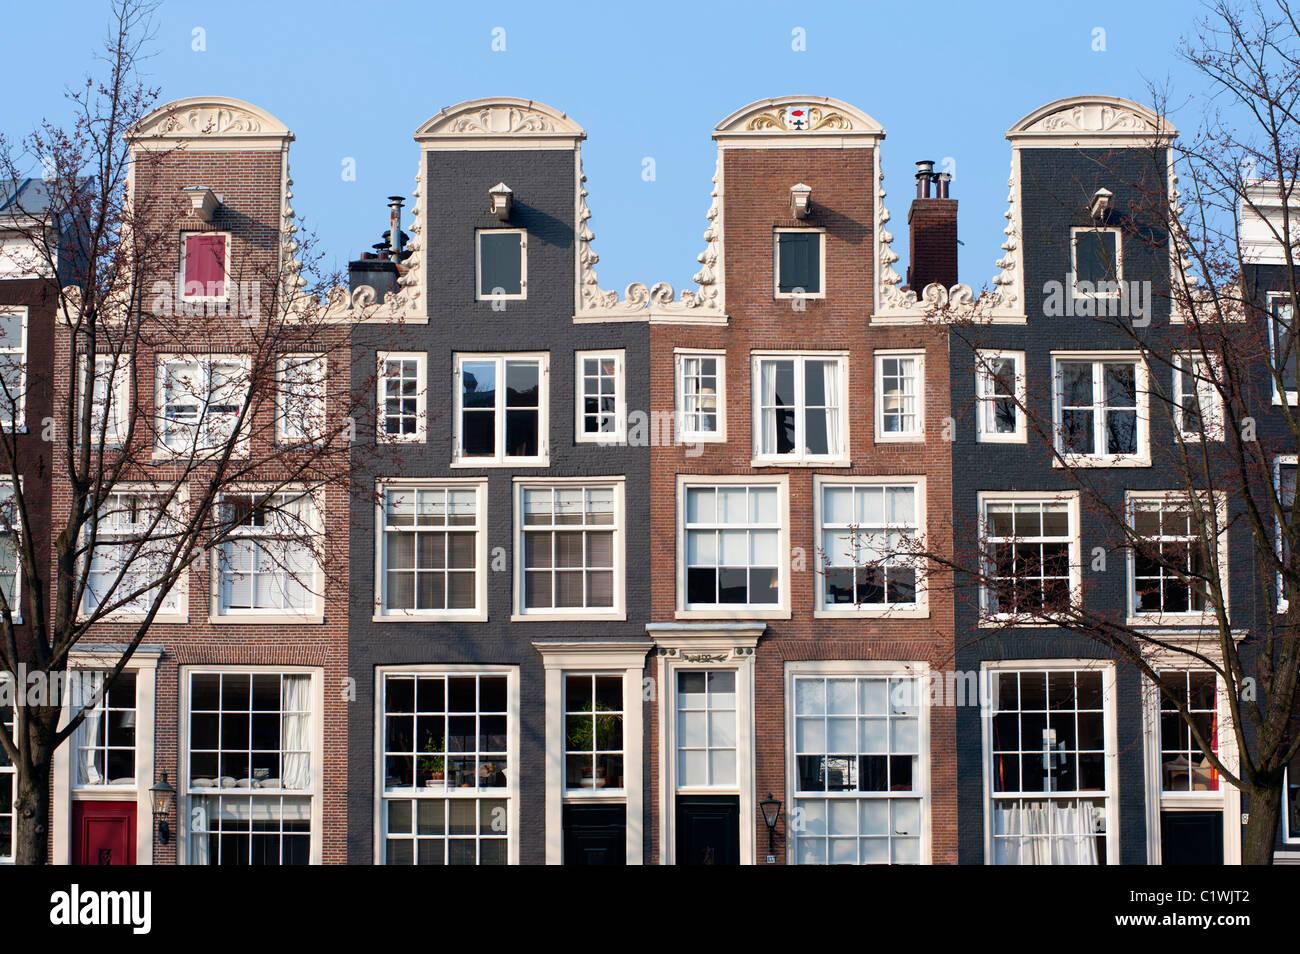 Gable holandés históricas tradicionales casas junto al canal en Amsterdam Países Bajos Imagen De Stock